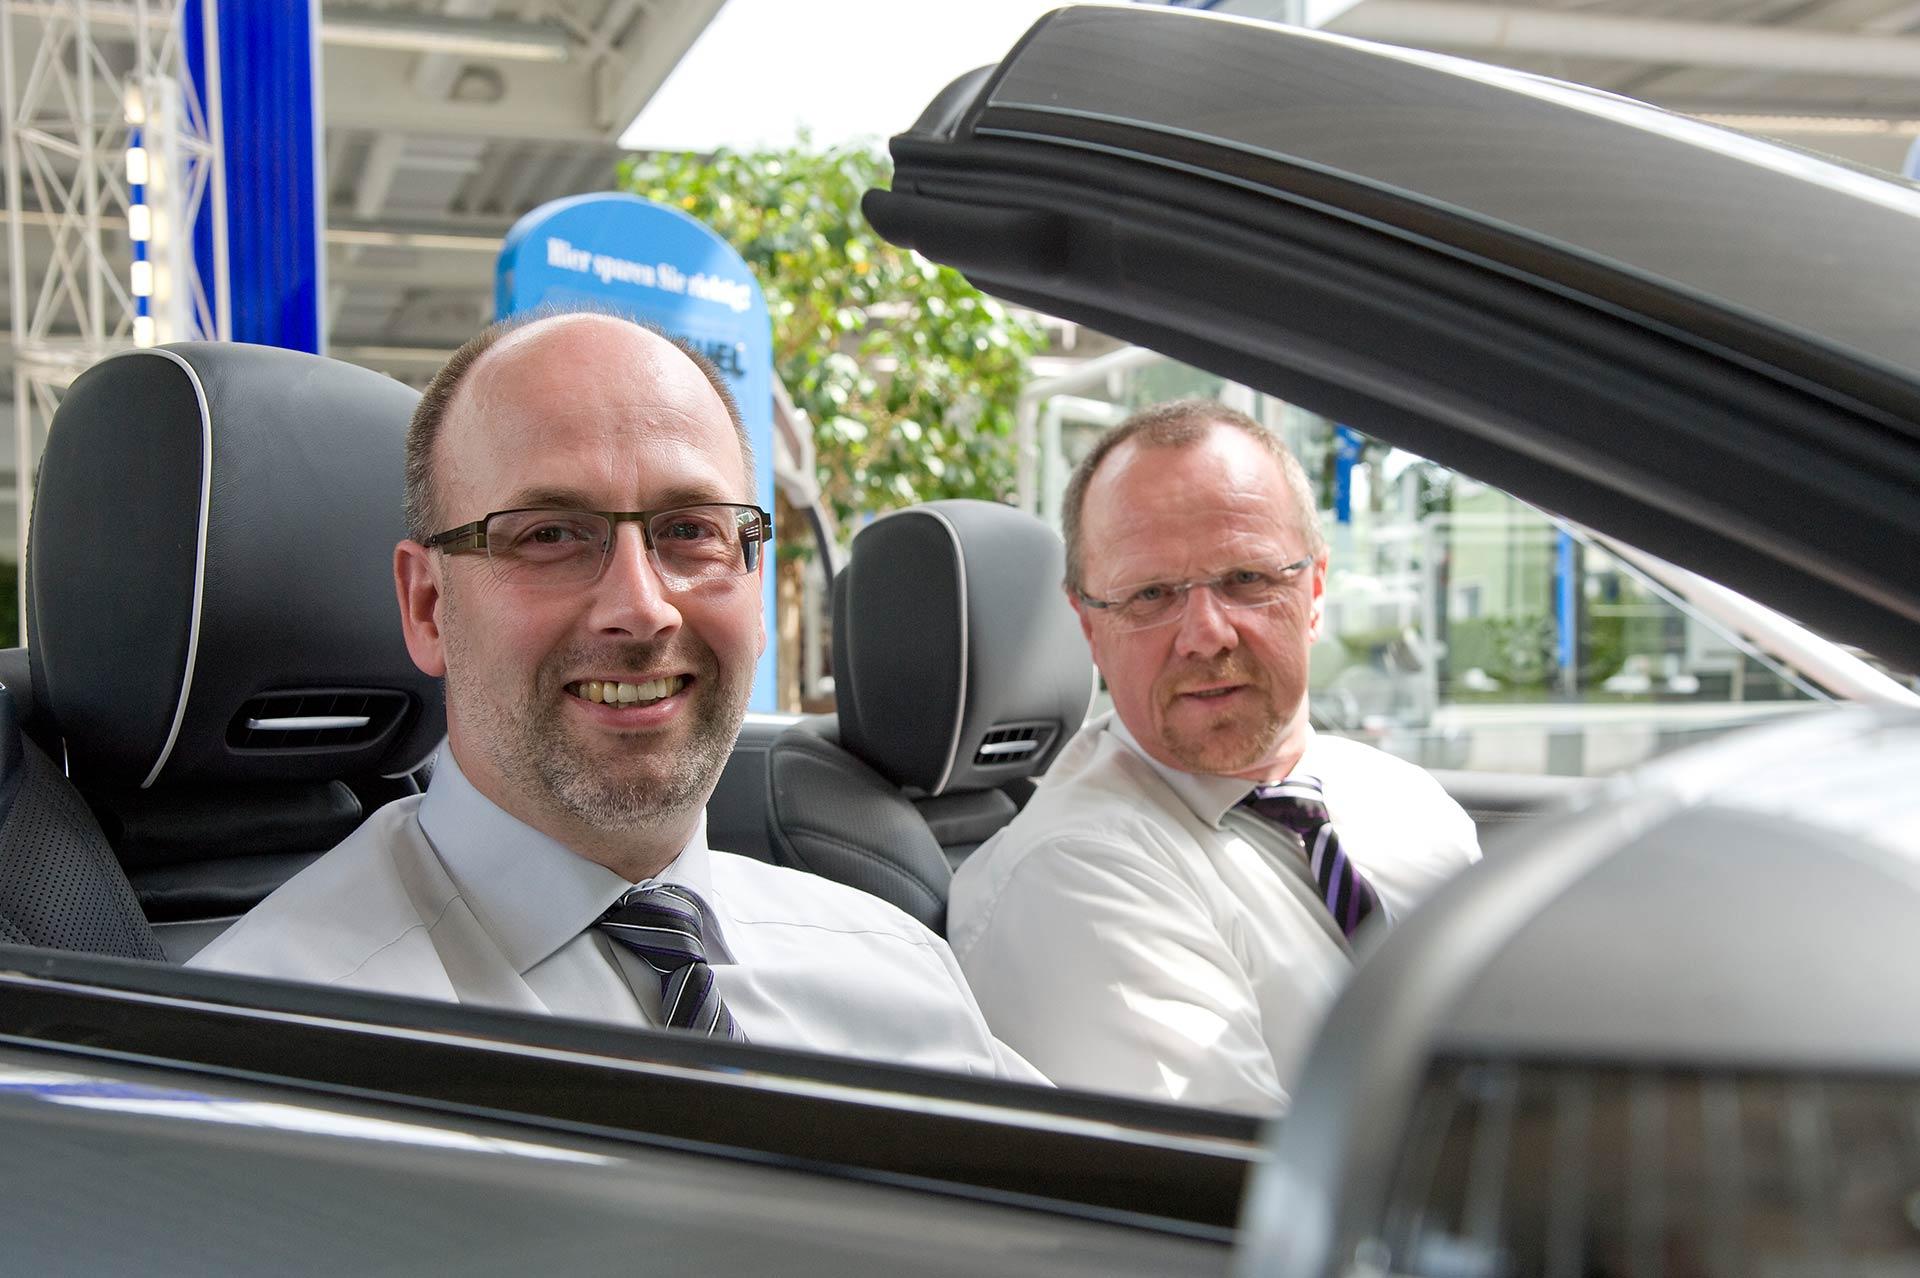 Harald Heitz (l.) und Heiner Schu, Geschäftsführer der Autohaus Hillenberg GmbH.